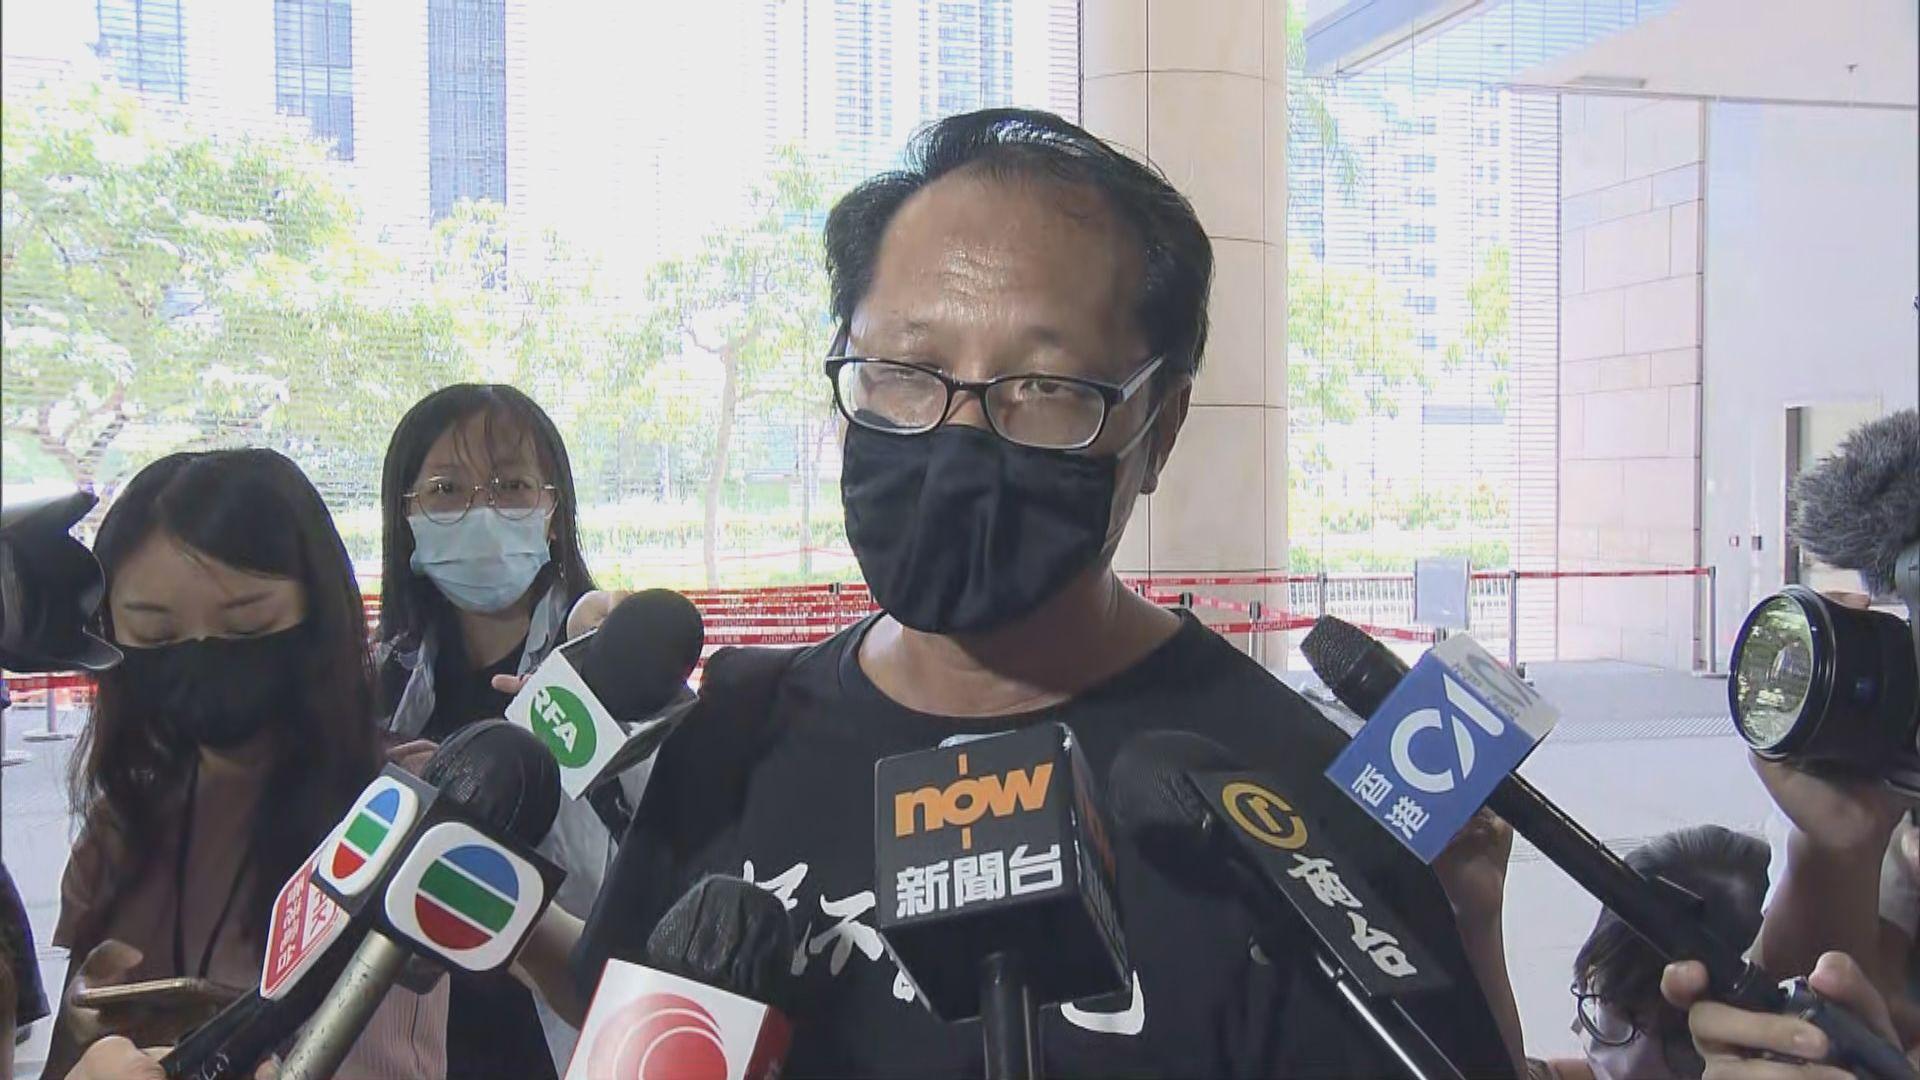 蔡耀昌:支聯會目前狀態無法委派代表出席審訊